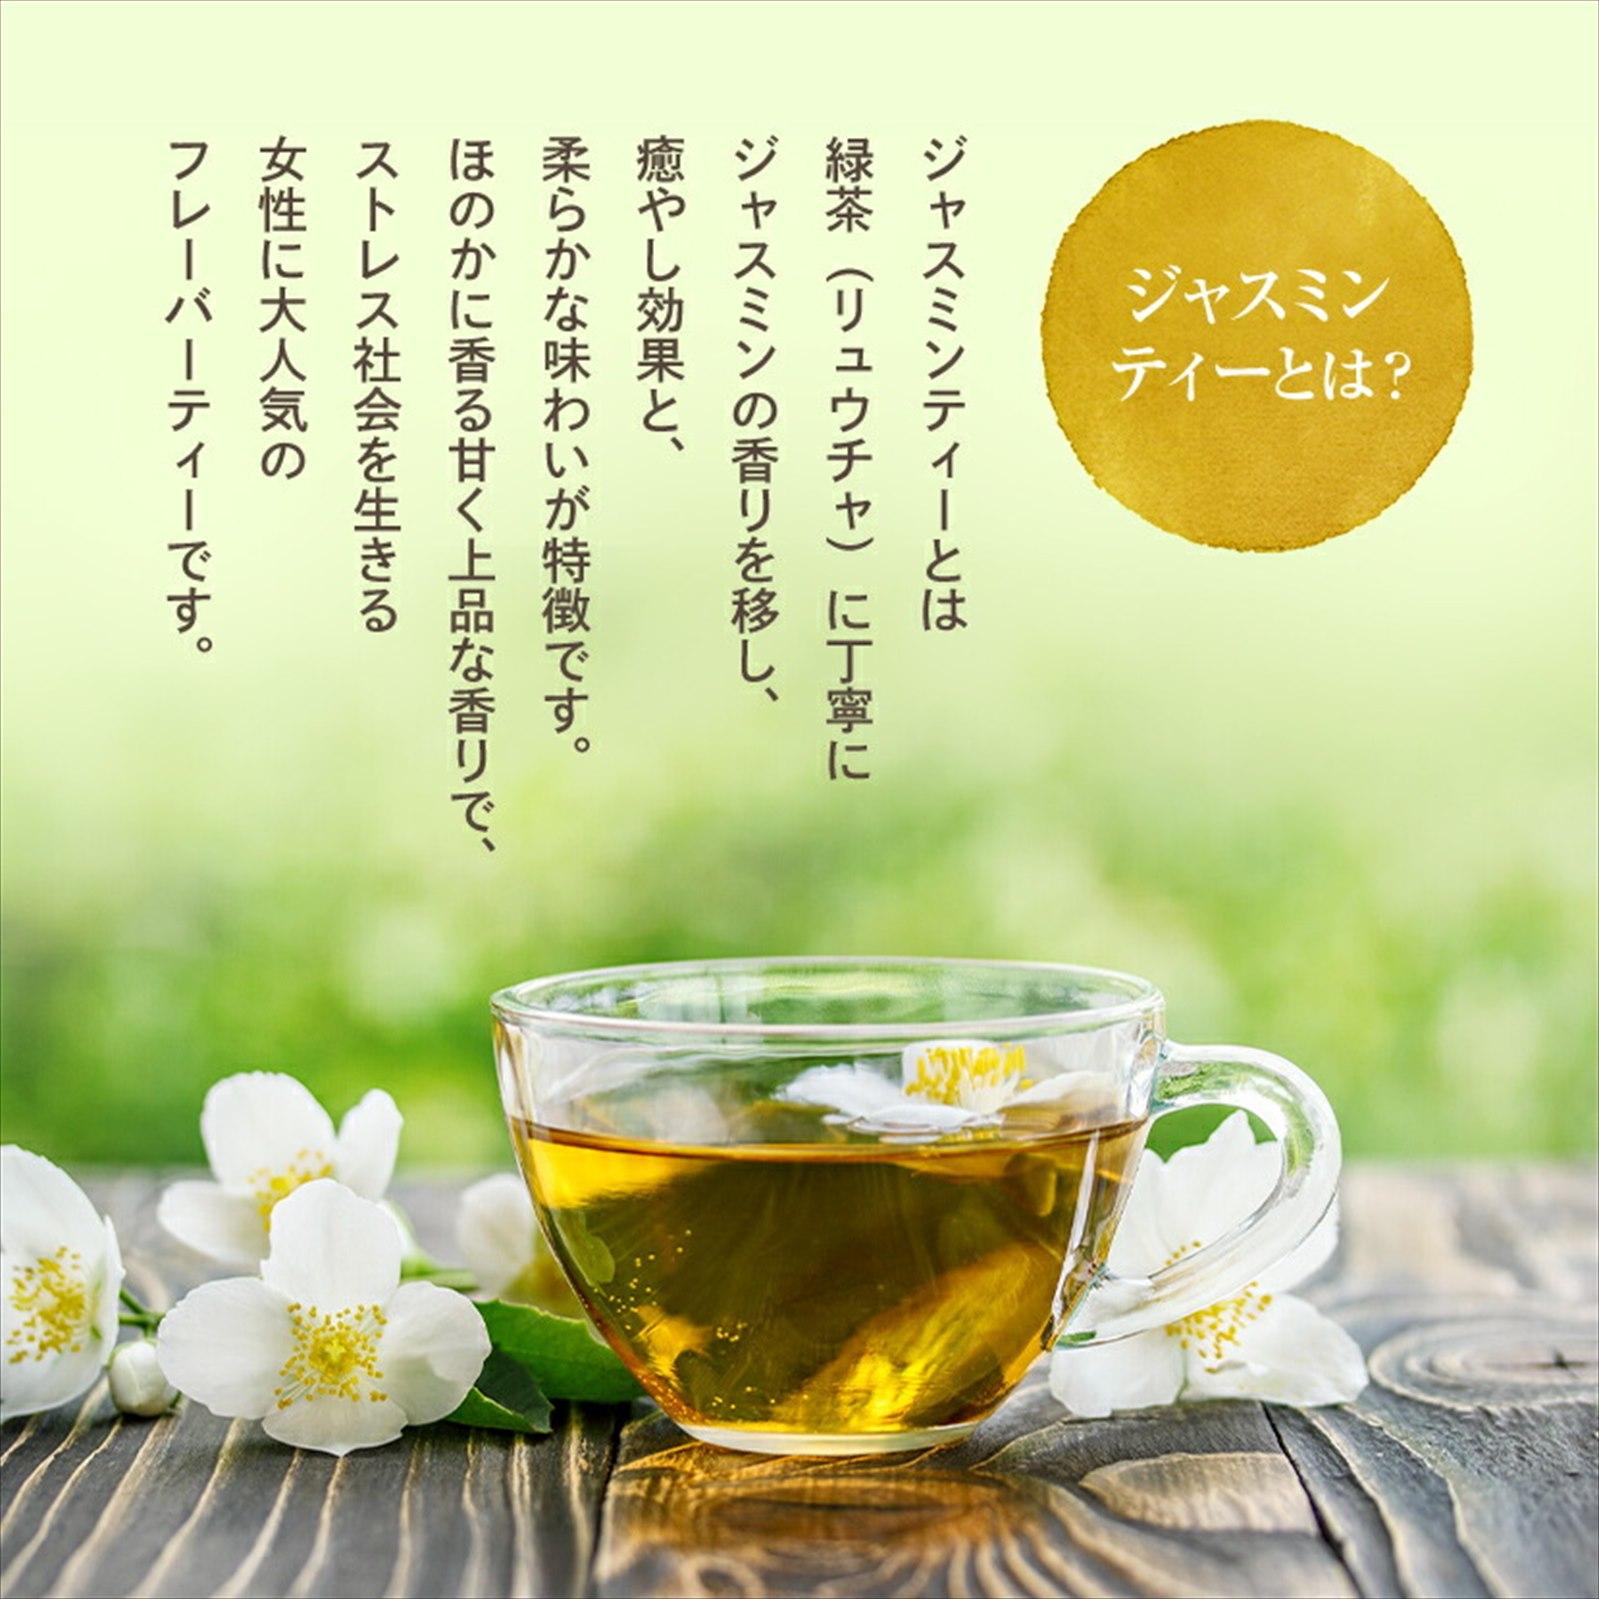 ジャスミンティー ティーバッグ80包送料無料!癒しのジャスミンティー80包で1,200円! ジャスミン茶 ジャスミンティー さんぴん茶